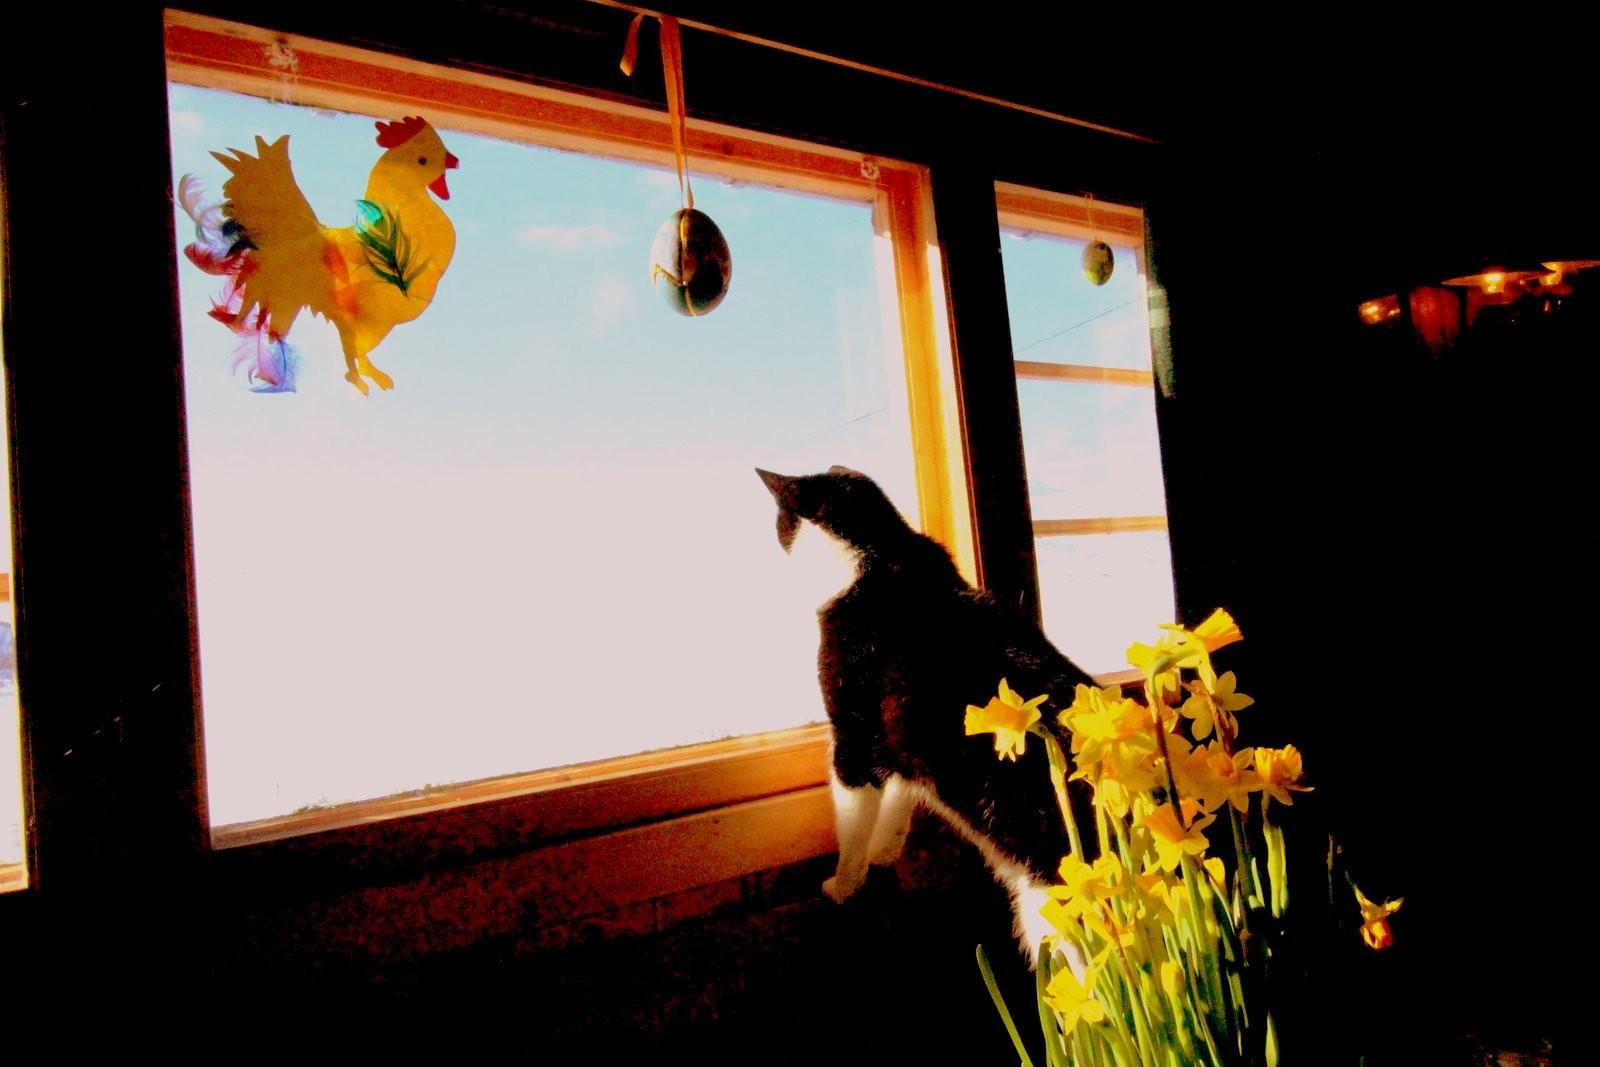 Pus kosar seg inne i hytta i påska, men må ha oversikt over det som skjer ute.